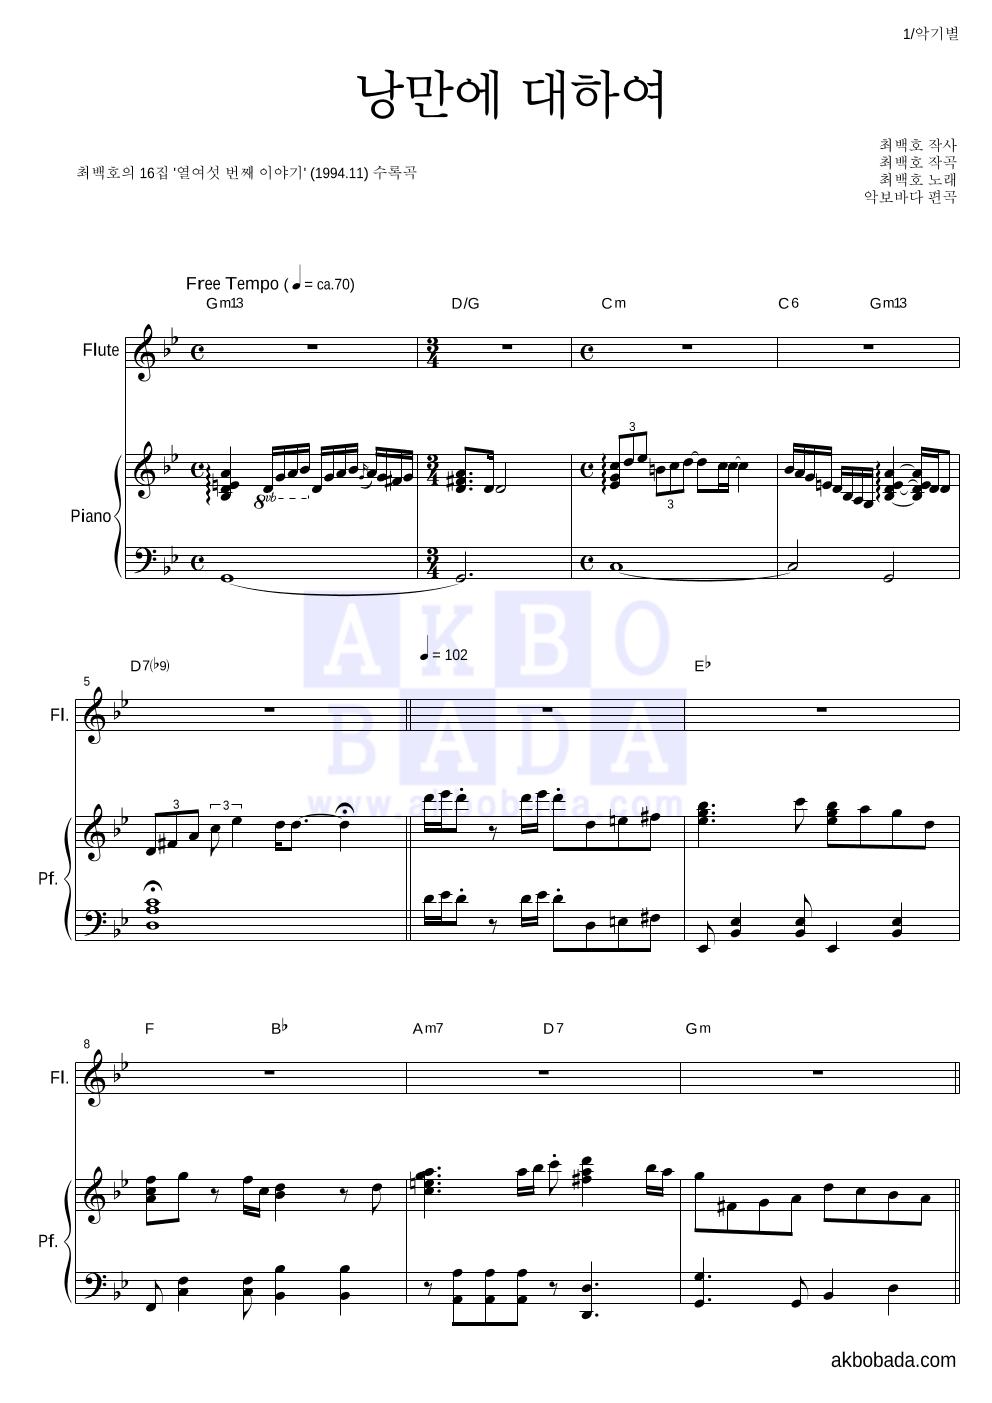 최백호 - 낭만에 대하여 플룻&피아노 악보